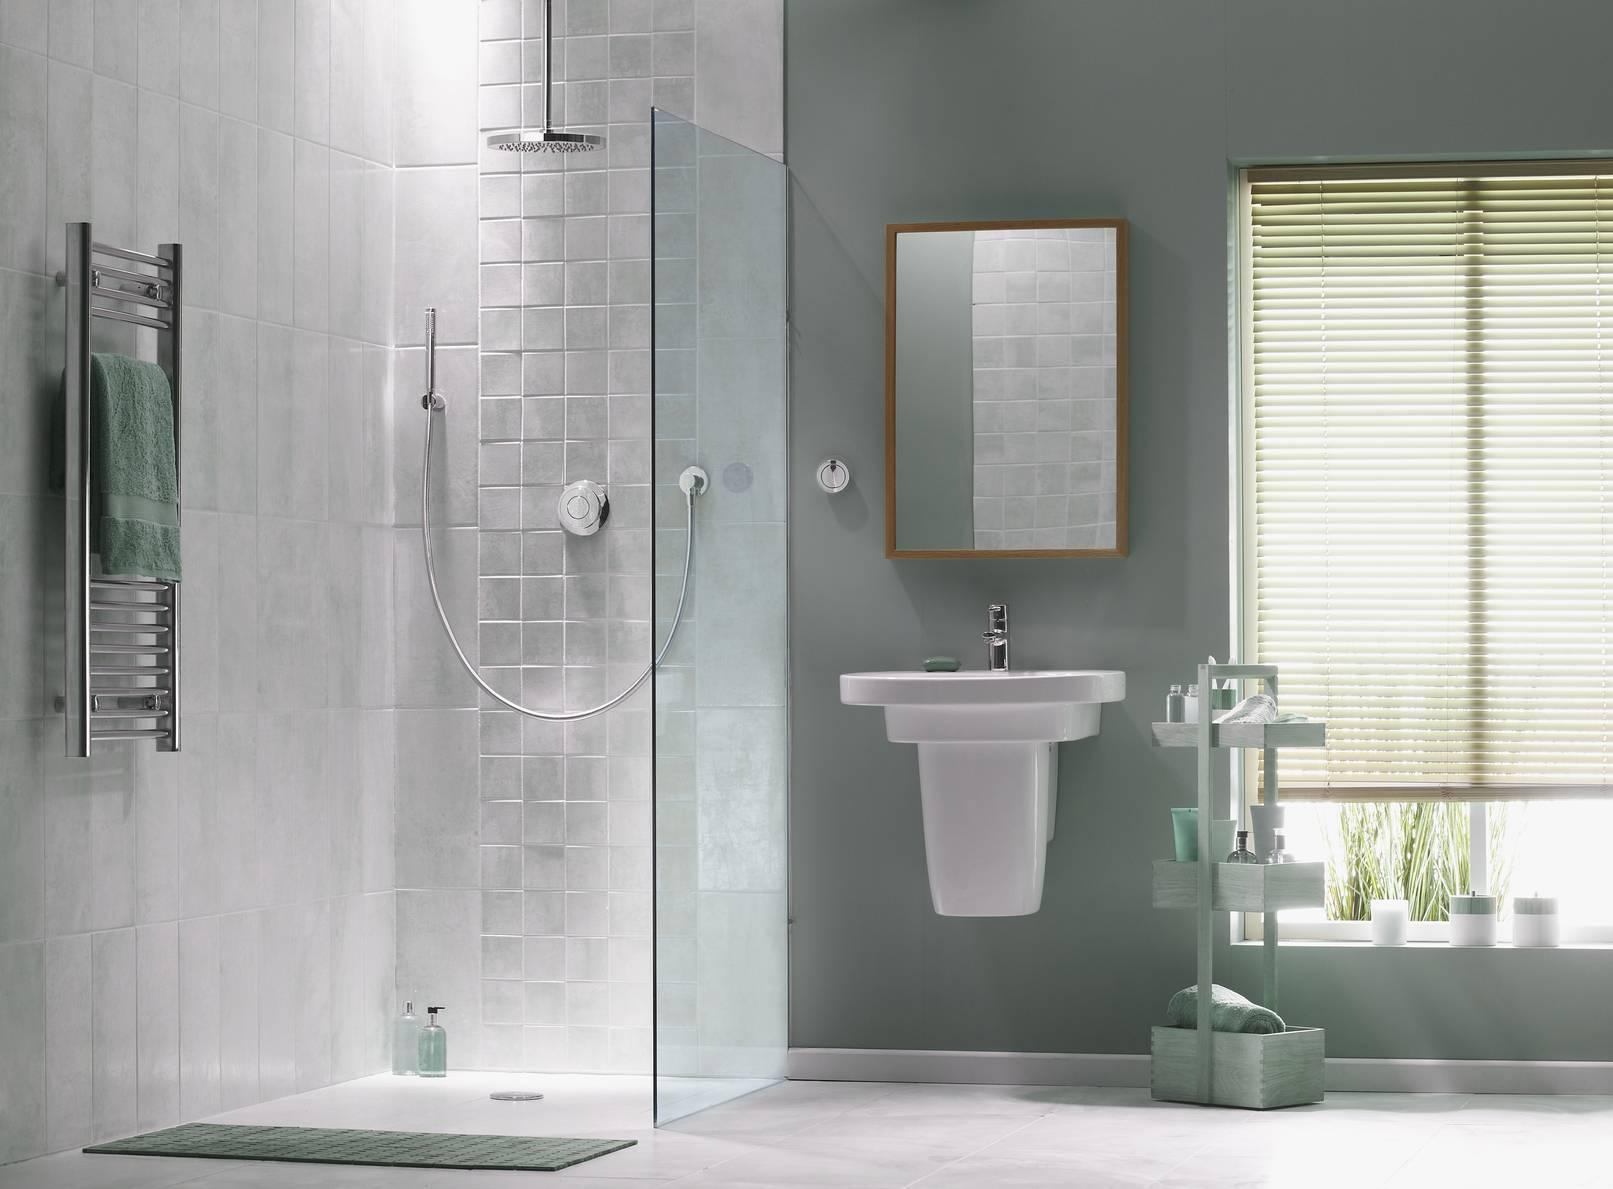 comment se d barrasser des mauvaises odeurs dans une salle bain. Black Bedroom Furniture Sets. Home Design Ideas